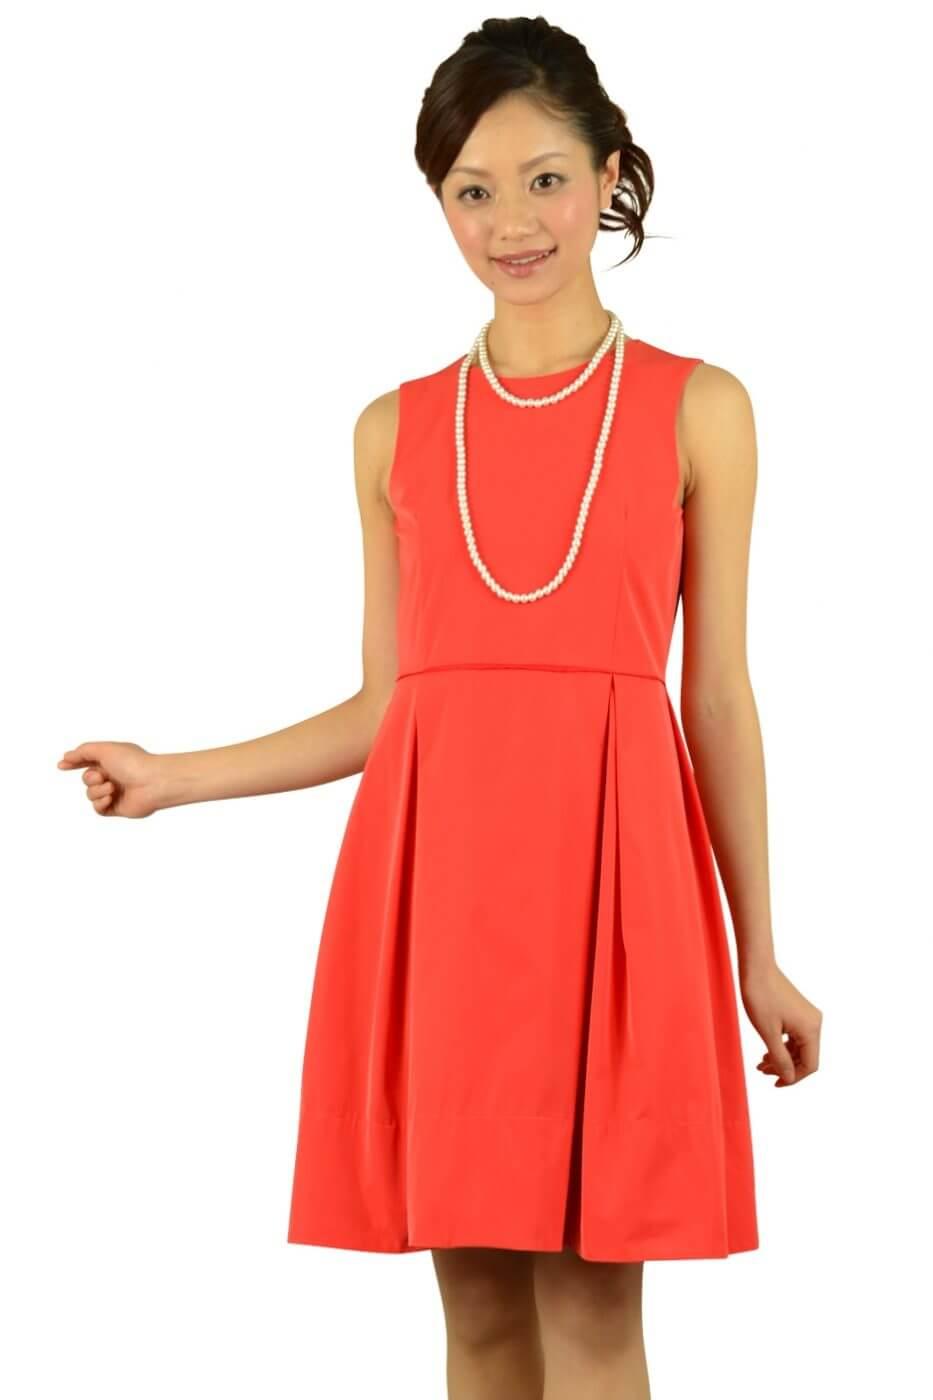 ノーリーズ(NOLLEY'S)レッドオレンジタックドレス